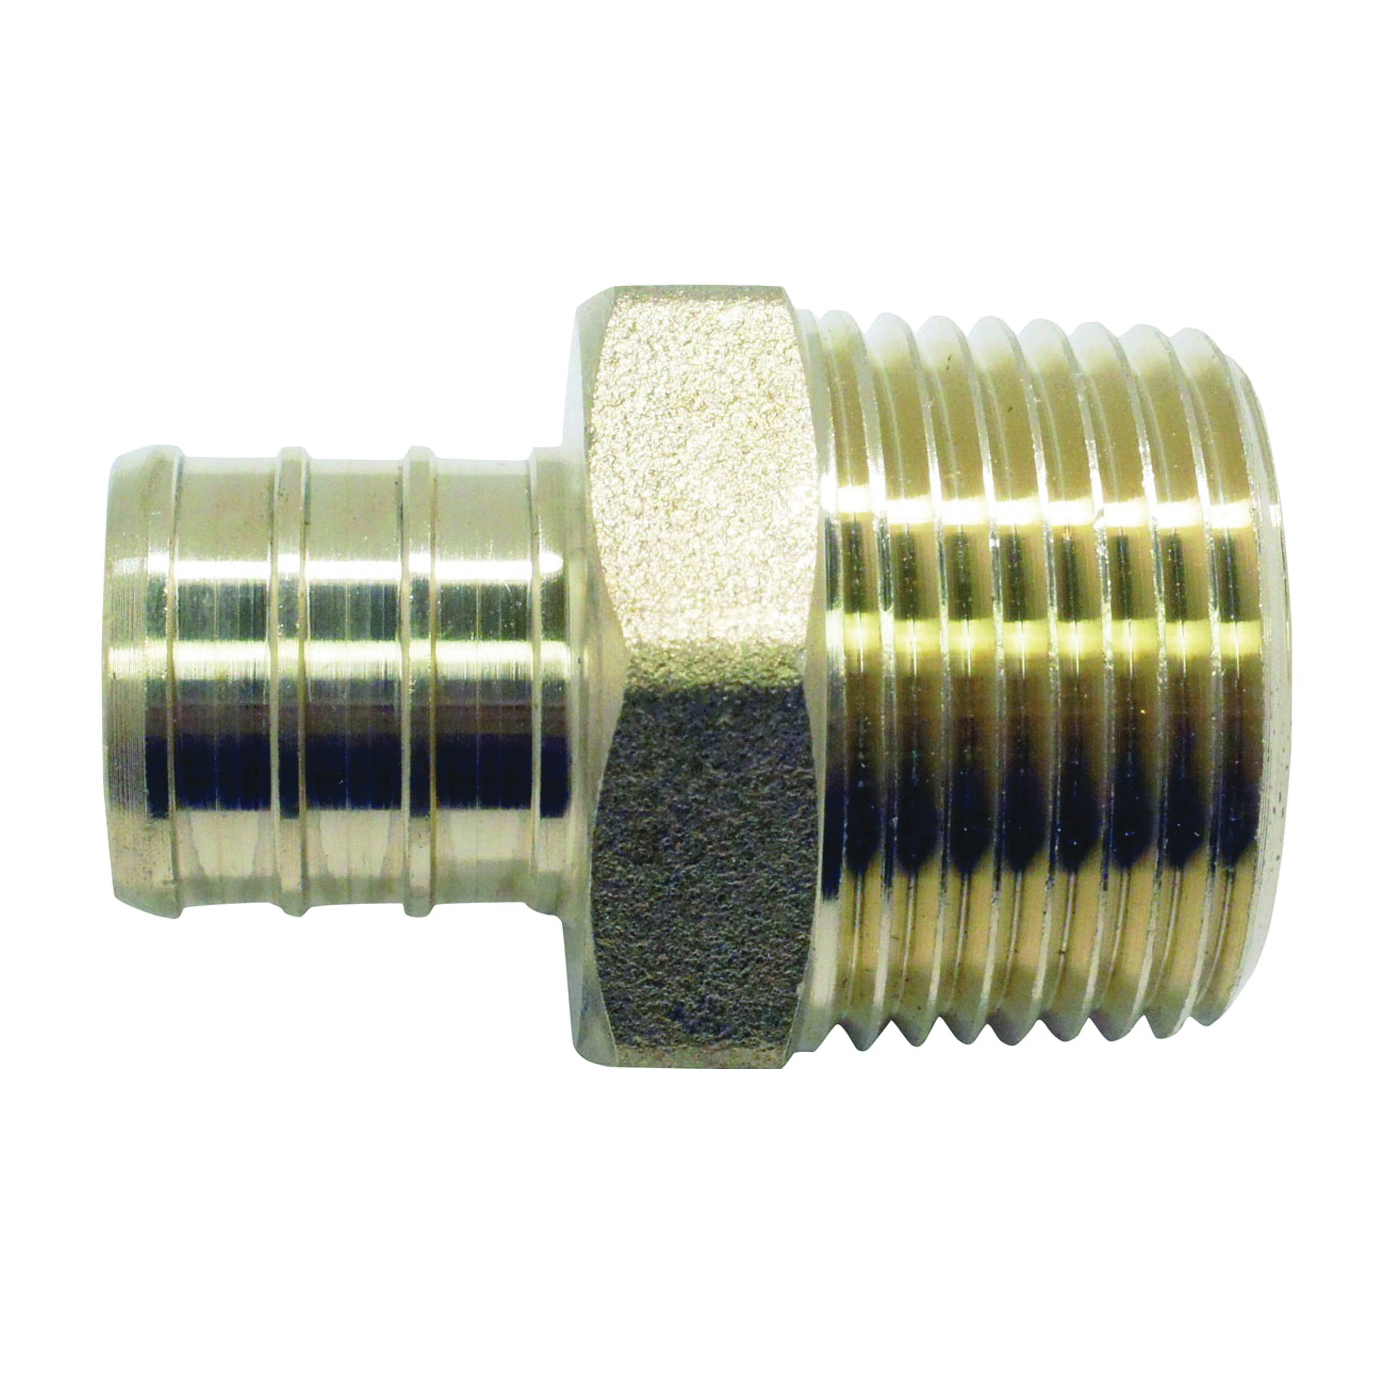 Picture of Apollo APXMA3434 Pipe Adapter, 3/4 in, PEX x MPT, Brass, 200 psi Pressure